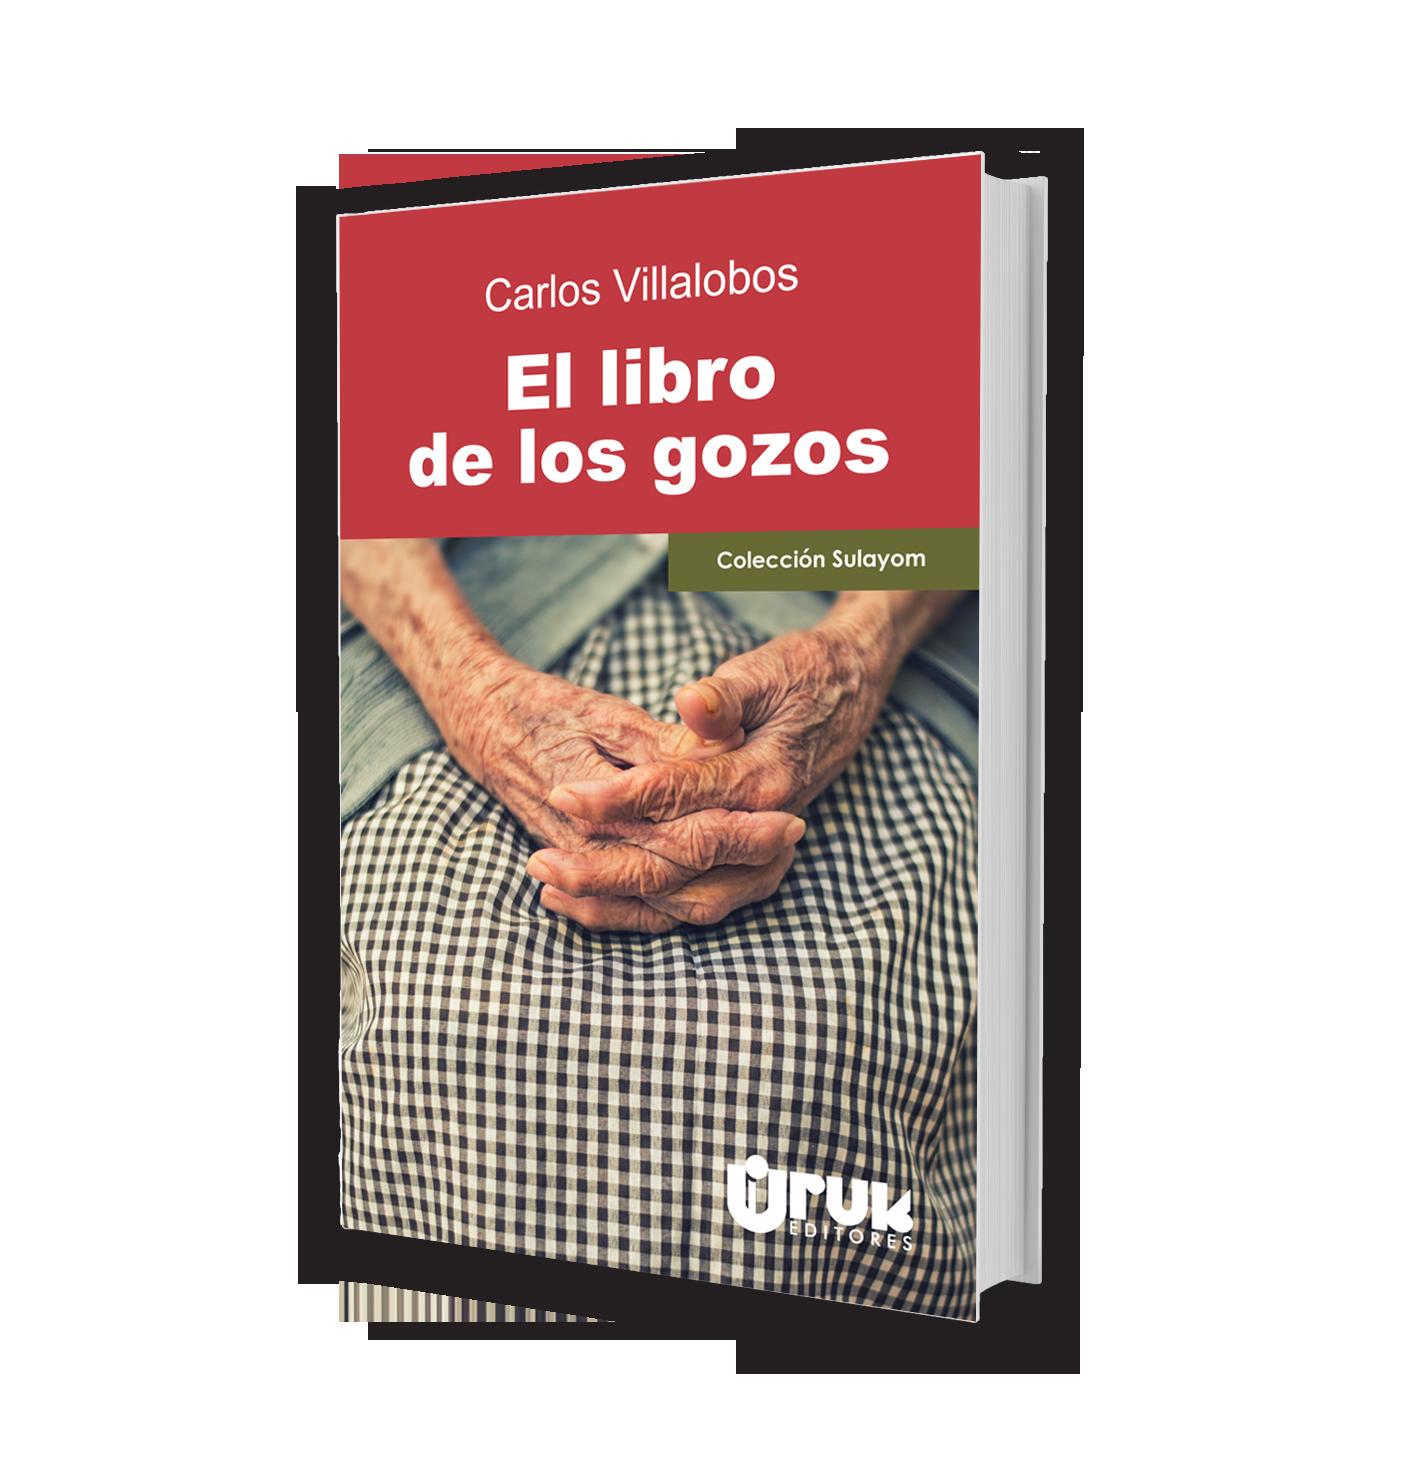 El libro de los gozos